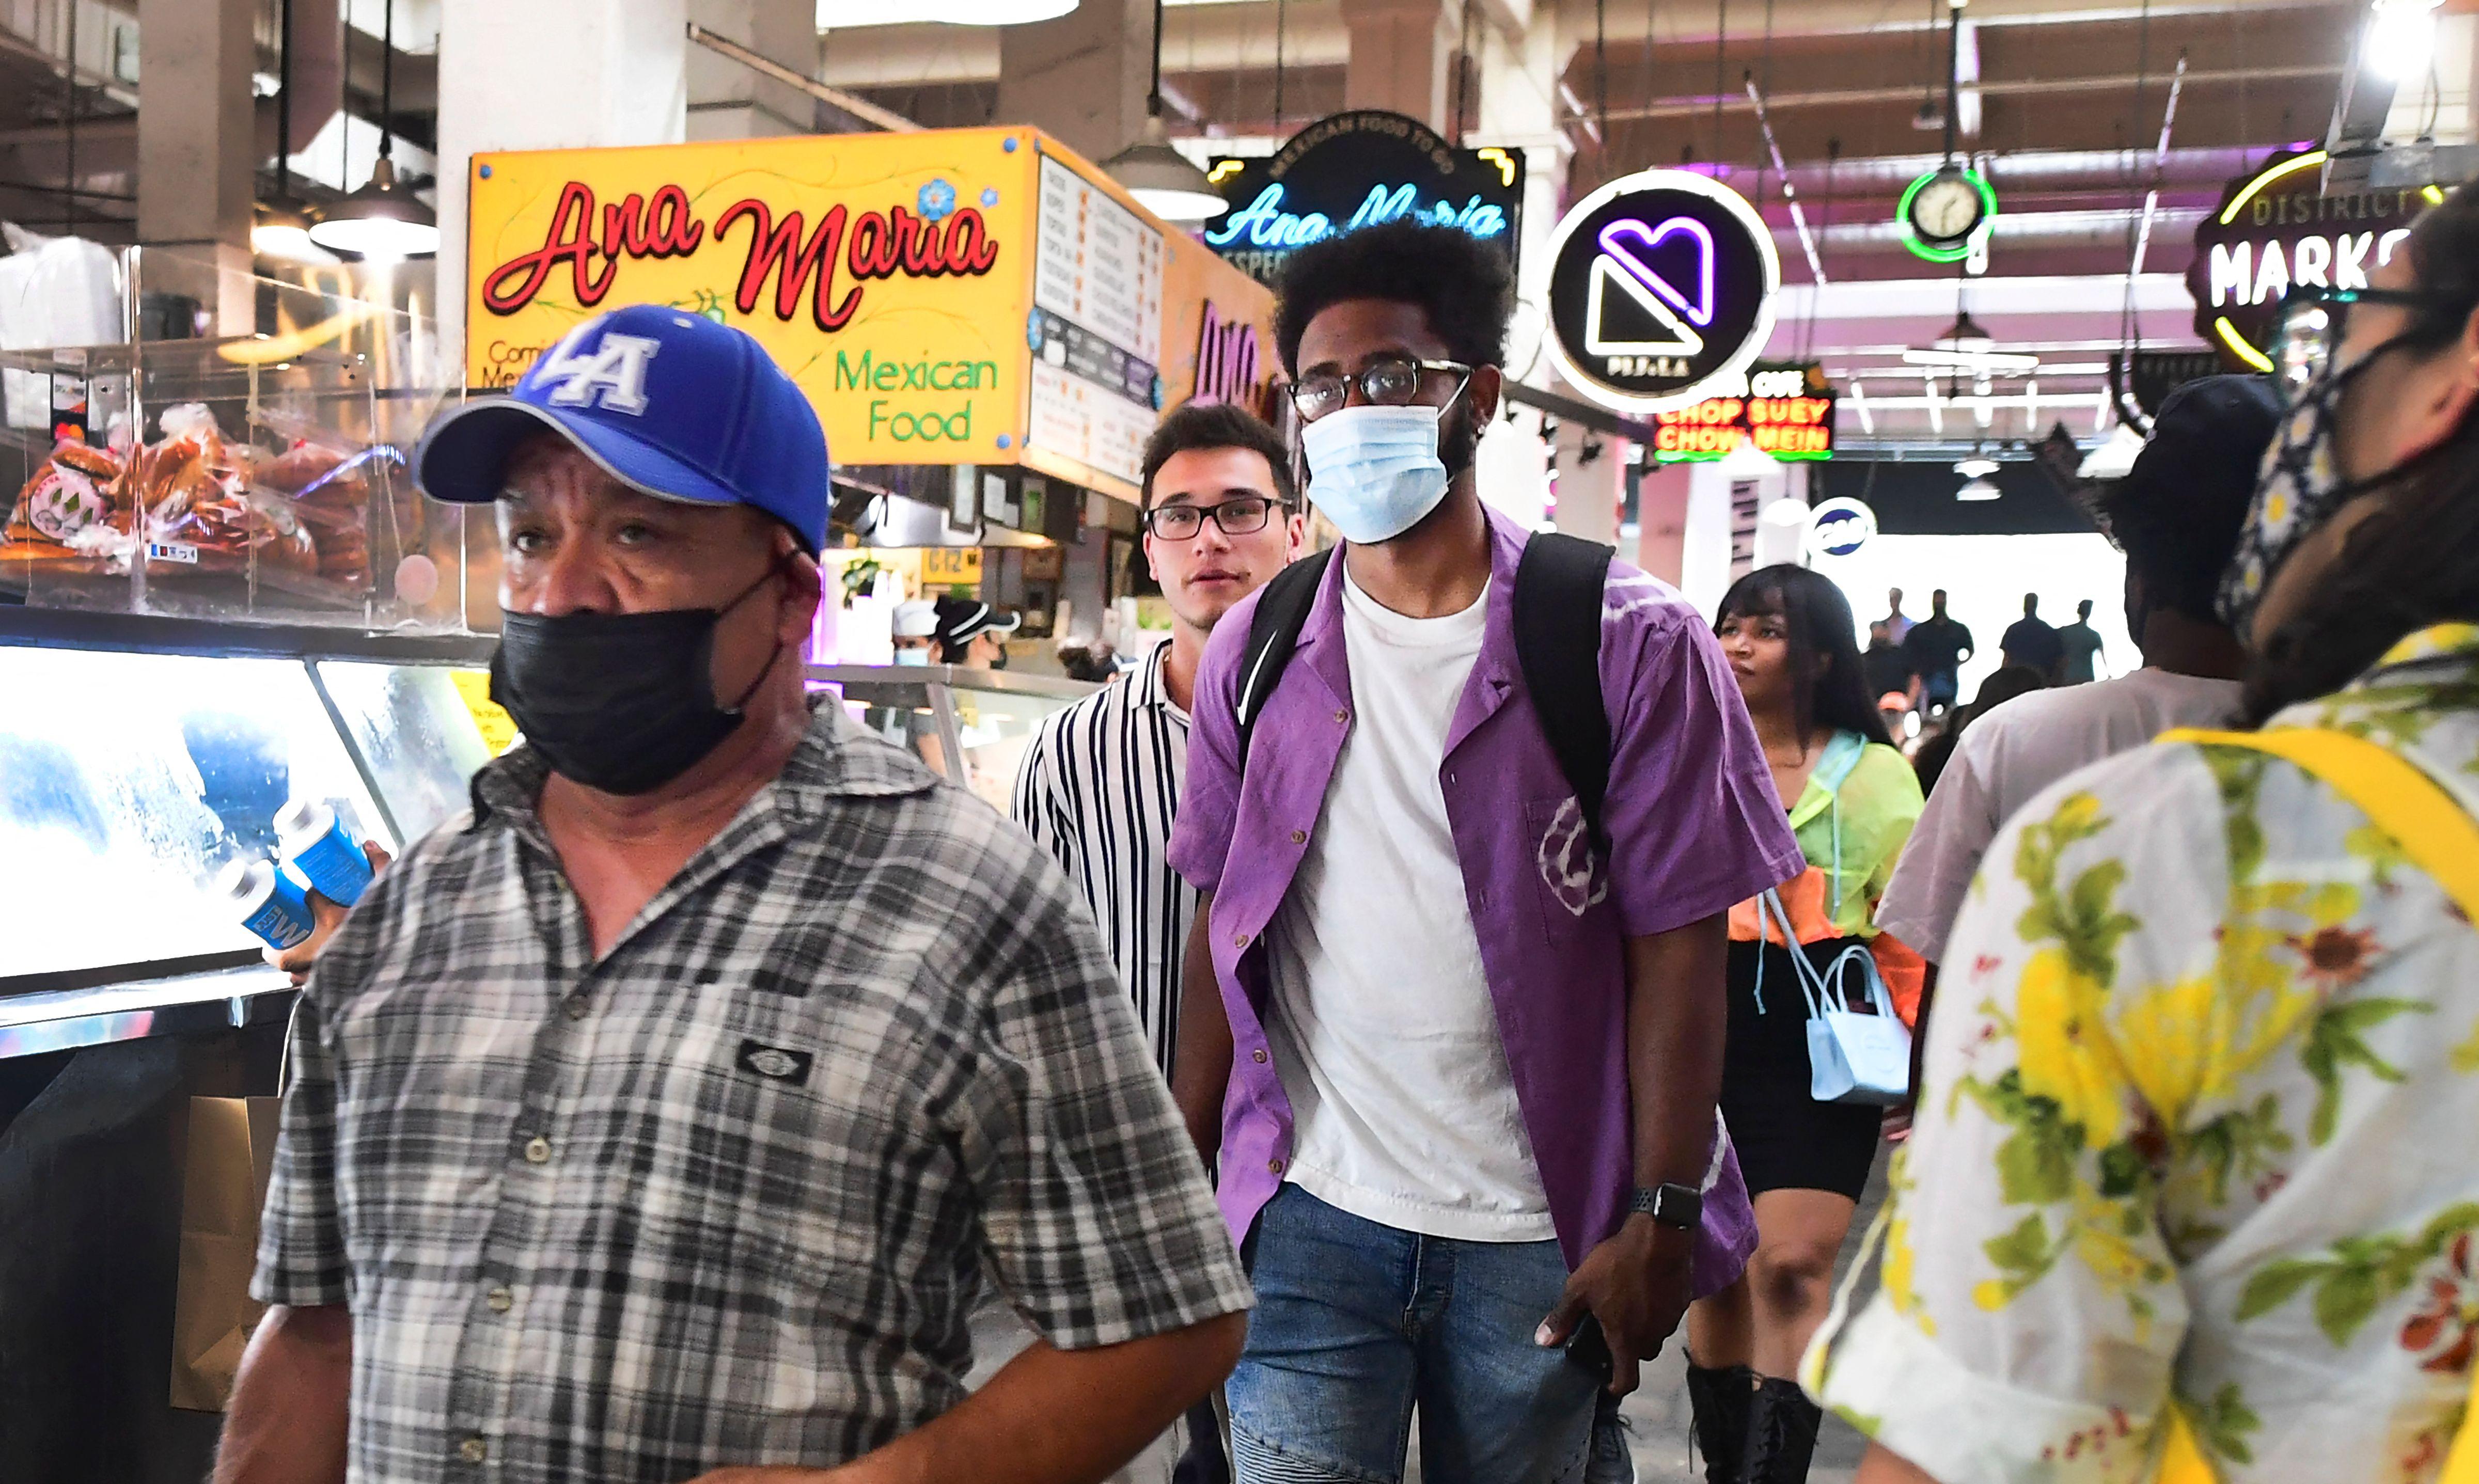 Condado de Los Ángeles pide volver a la mascarilla en lugares cerrados por variante nueva de coronavirus